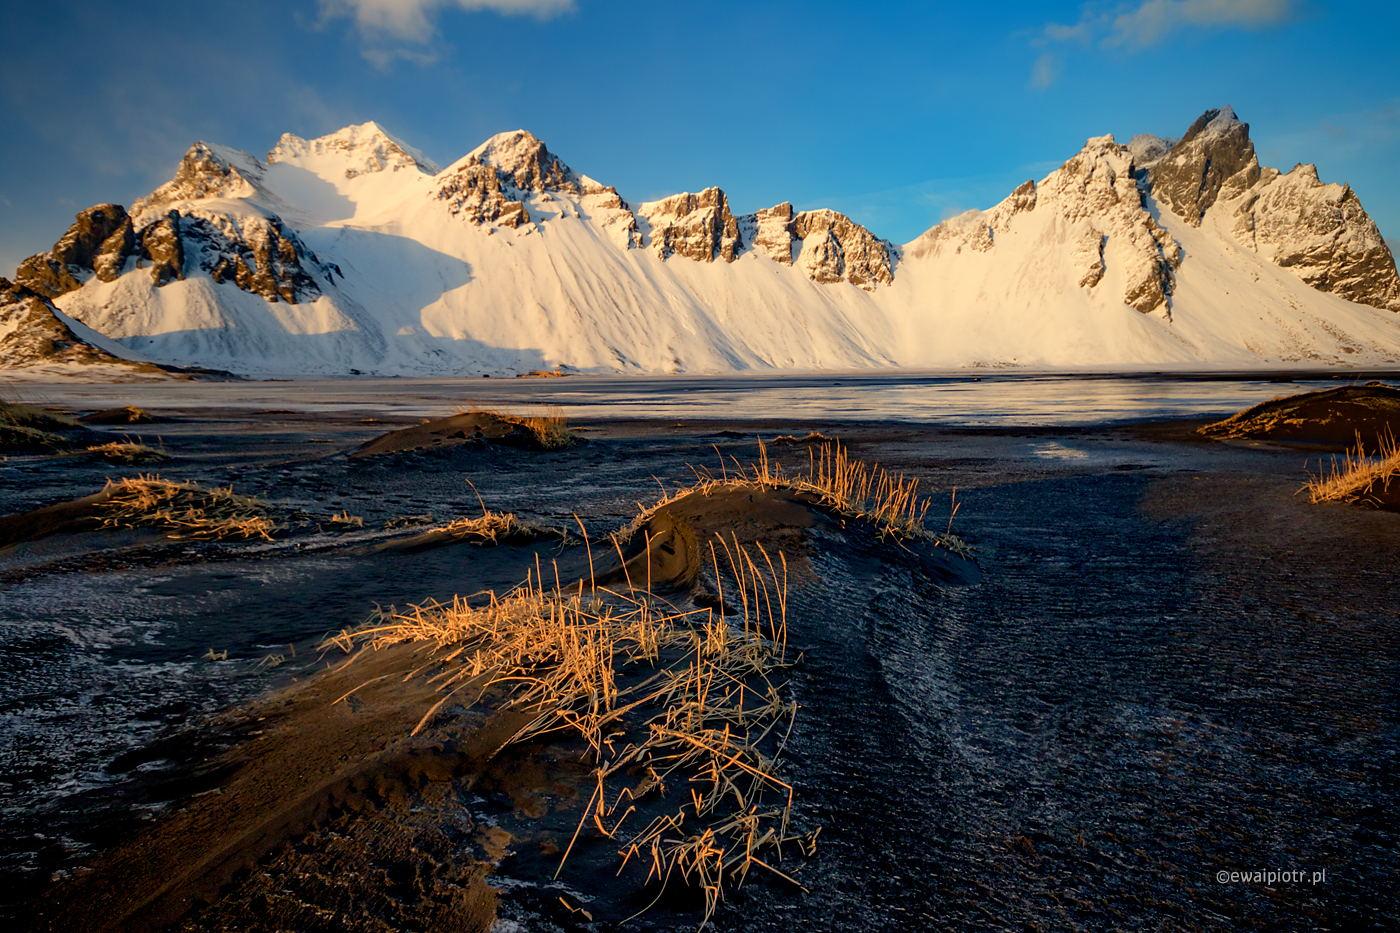 Popołudnie wśród czarnych wydm Vestrahorn, Islandia, fotowyprawa